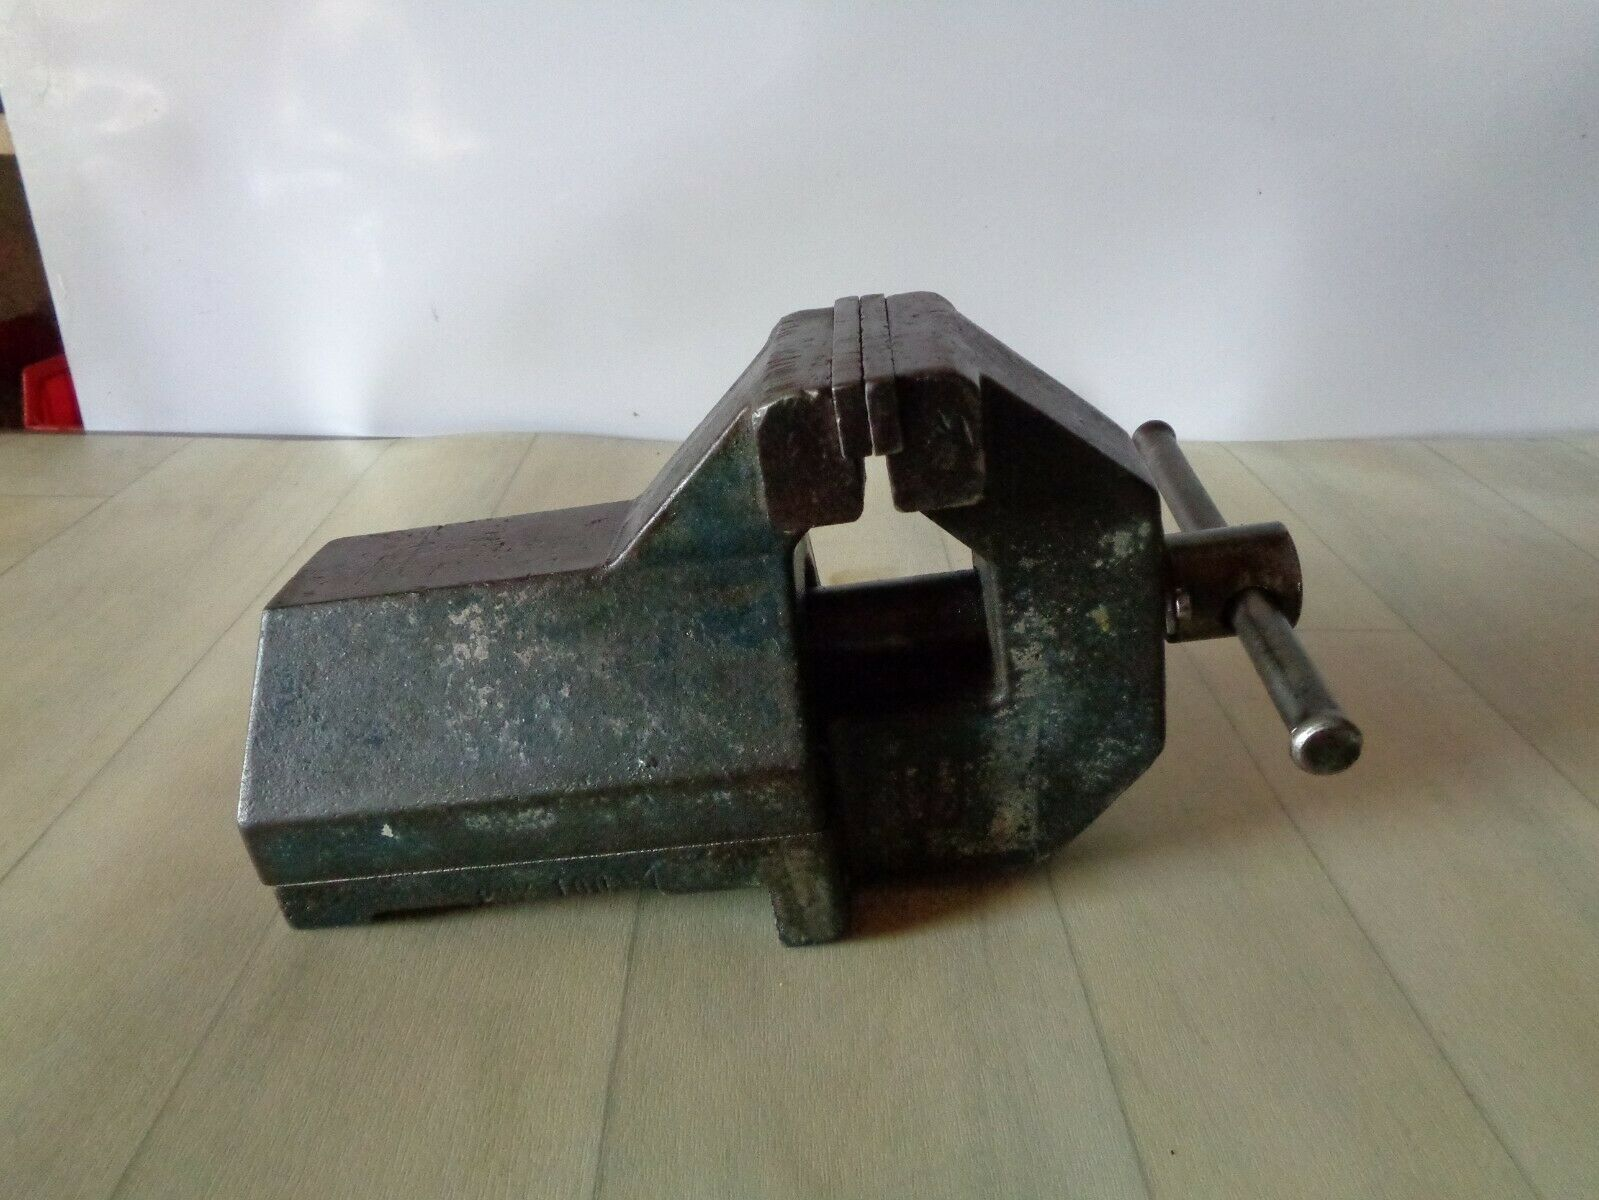 Alter Schraubstock Spannweite 14cm Backenbreite 10cm  - 12Kg